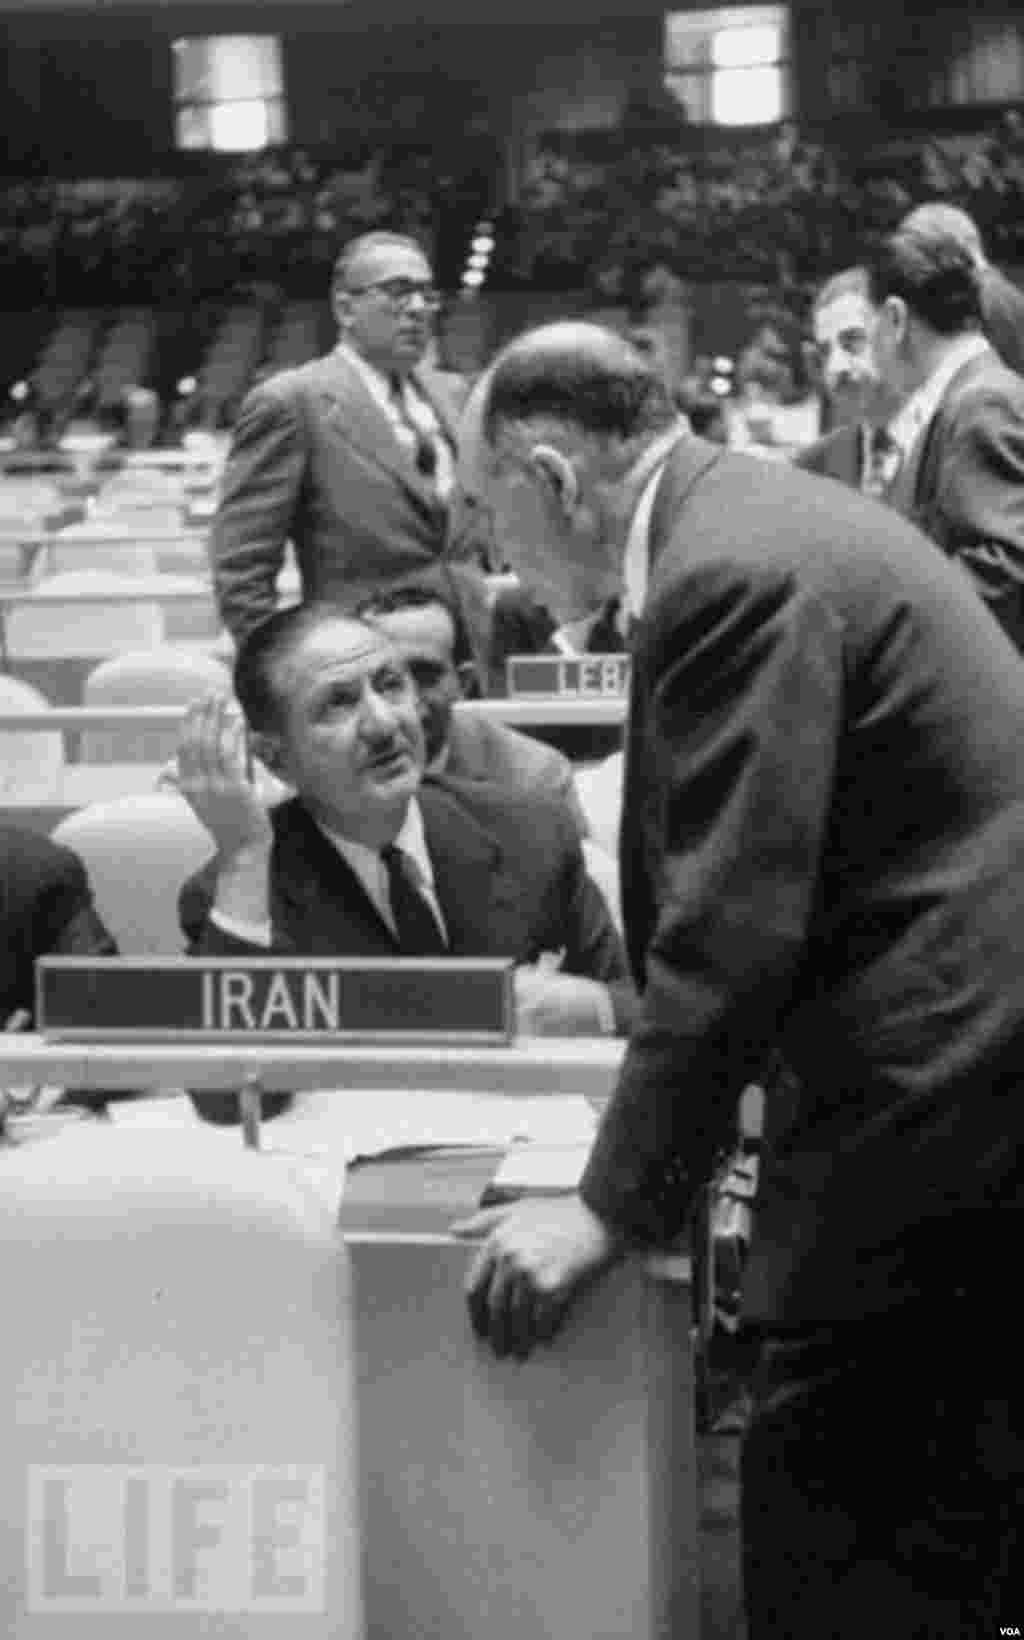 نصرالله انتظام در گفت و گو با نماینده اسرائیل در مجمع عمومی سازمان ملل متحد